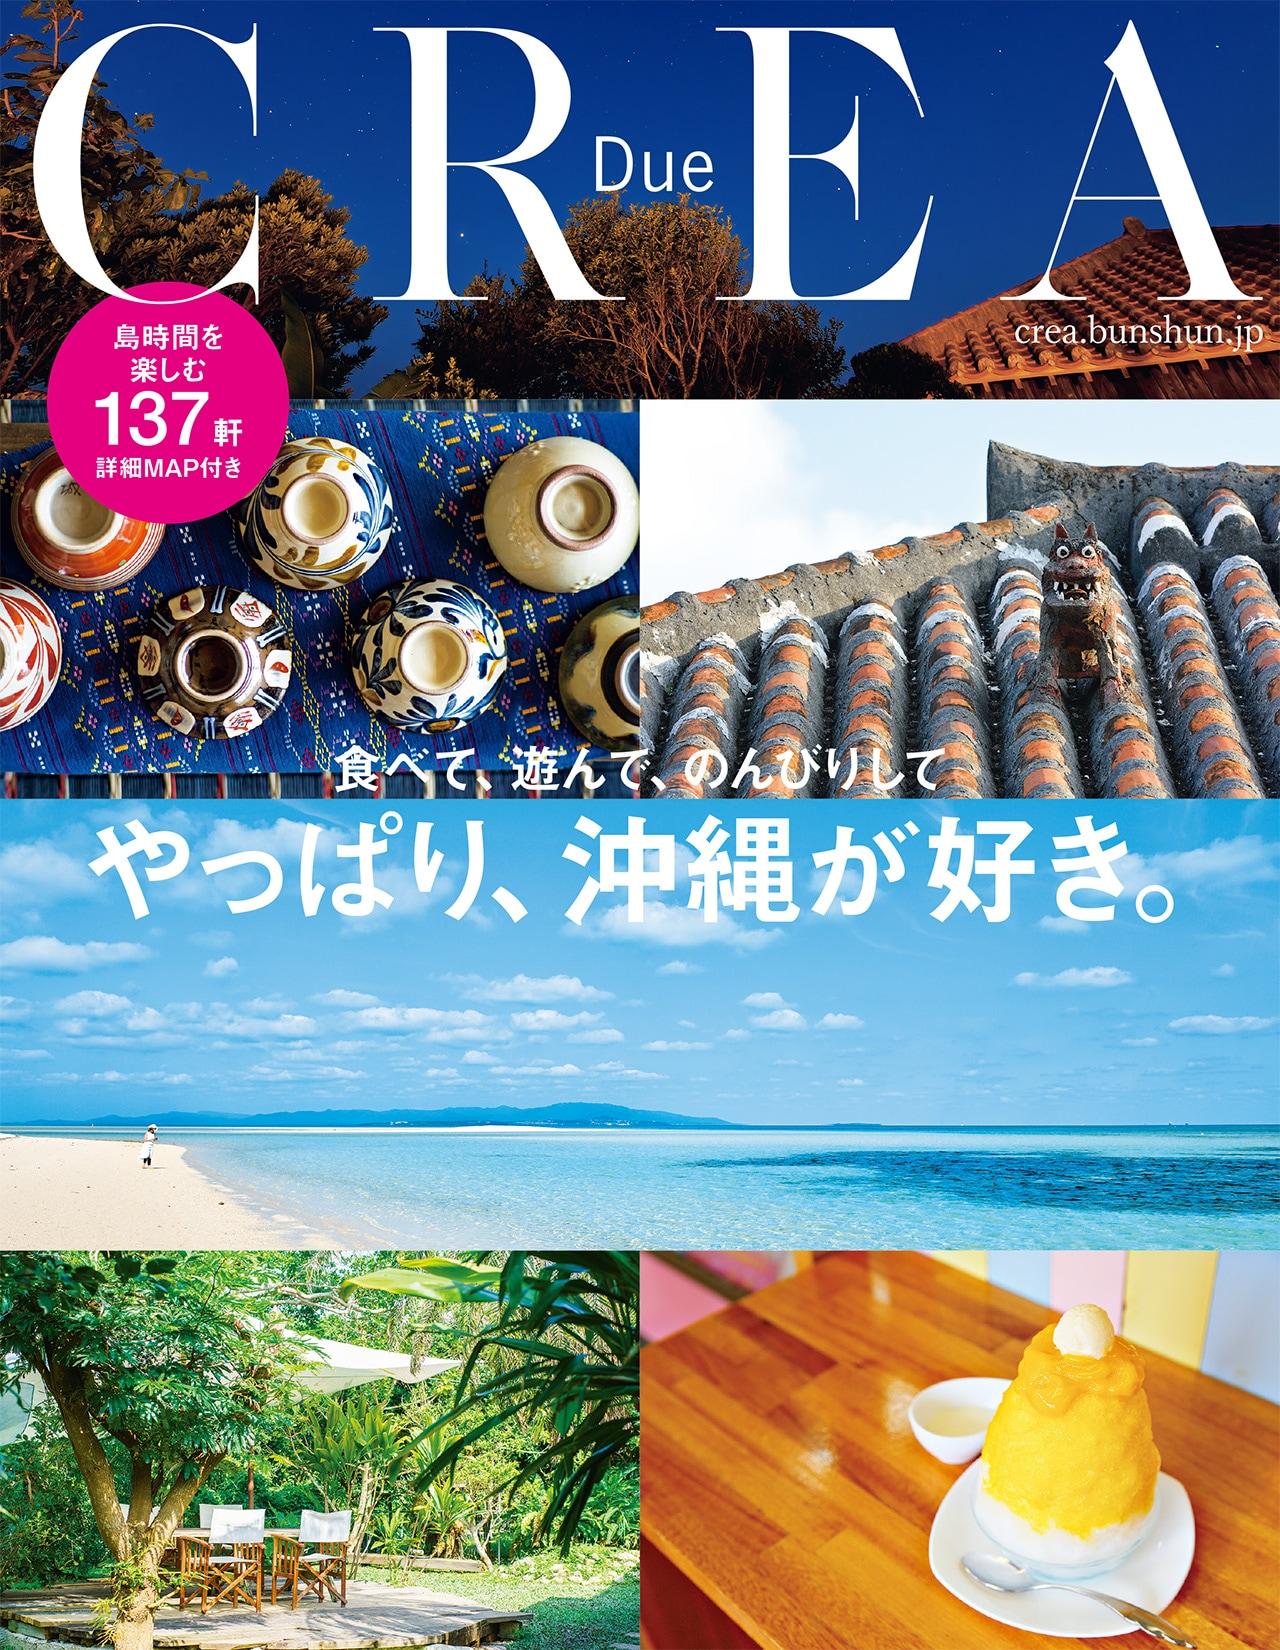 CREA Due  <br />やっぱり、沖縄が好き。